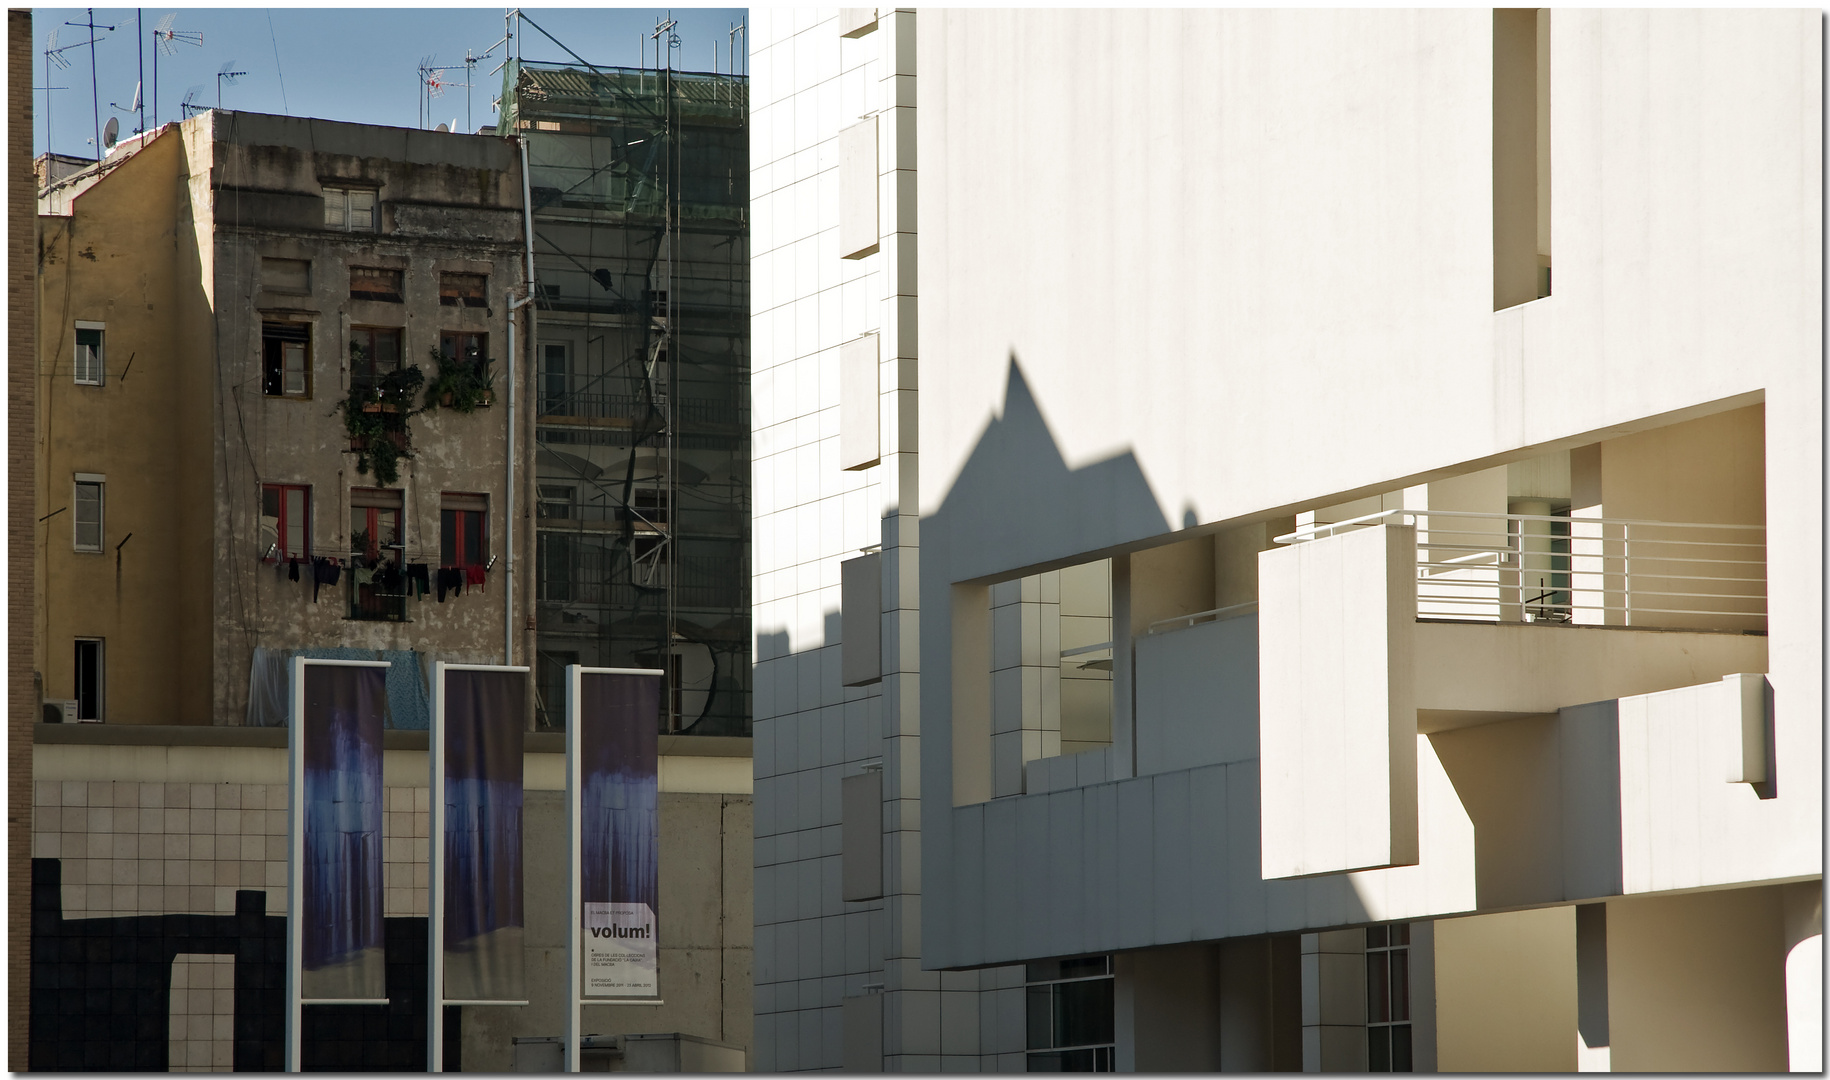 Contrastes en la ciudad